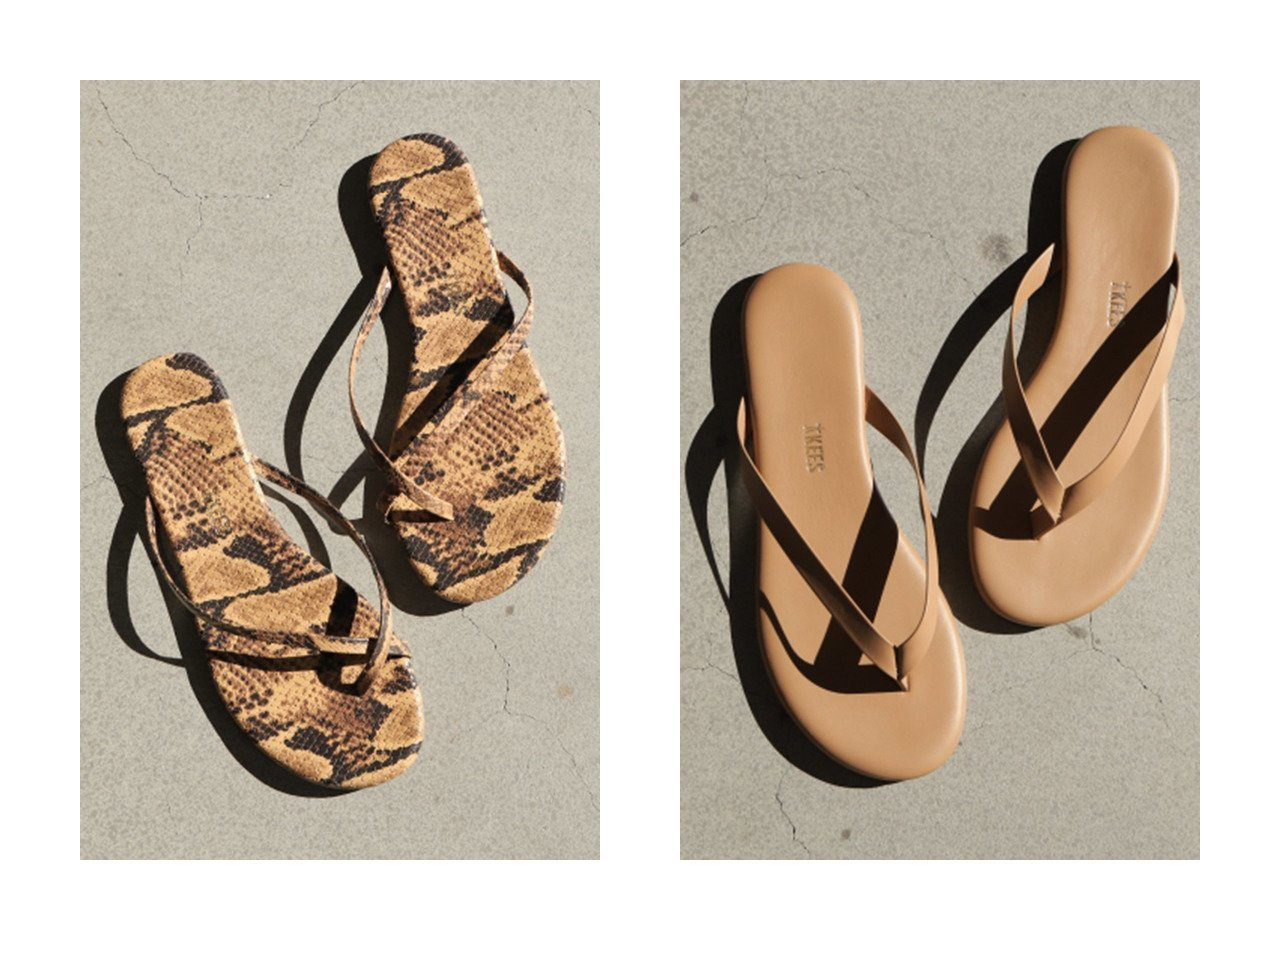 【Chaos/カオス】の【TKEES】SNAKE ビーチサンダル&【TKEES】BOYFRIEND ビーチサンダル 【シューズ・靴】おすすめ!人気、トレンド・レディースファッションの通販 おすすめで人気の流行・トレンド、ファッションの通販商品 メンズファッション・キッズファッション・インテリア・家具・レディースファッション・服の通販 founy(ファニー) https://founy.com/ ファッション Fashion レディースファッション WOMEN サンダル ビーチ 人気 |ID:crp329100000030191